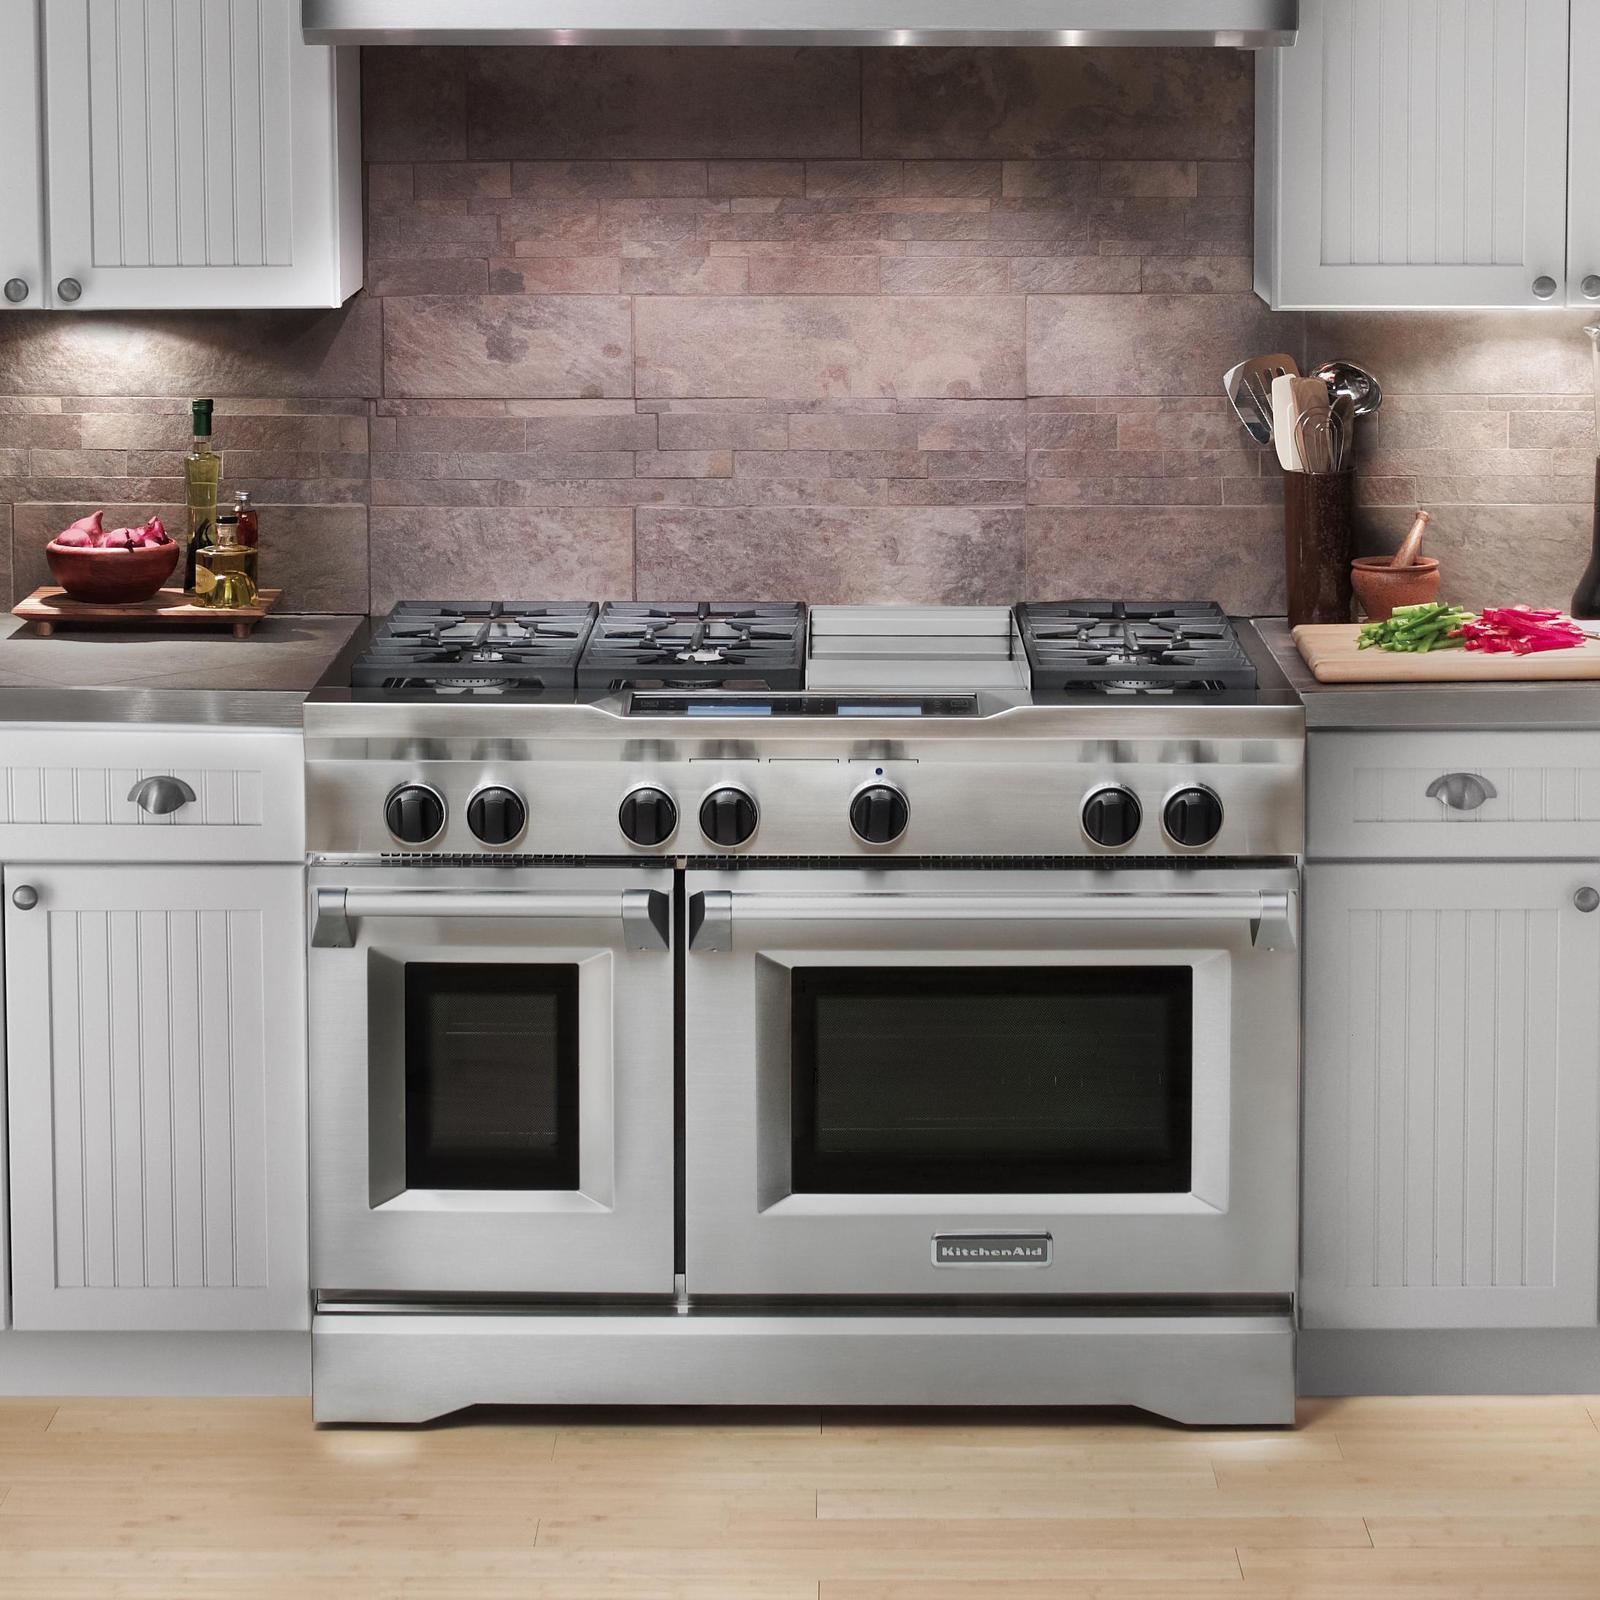 Kitchenaid Kdru783vss 48 Quot Commercial Style Dual Fuel Range